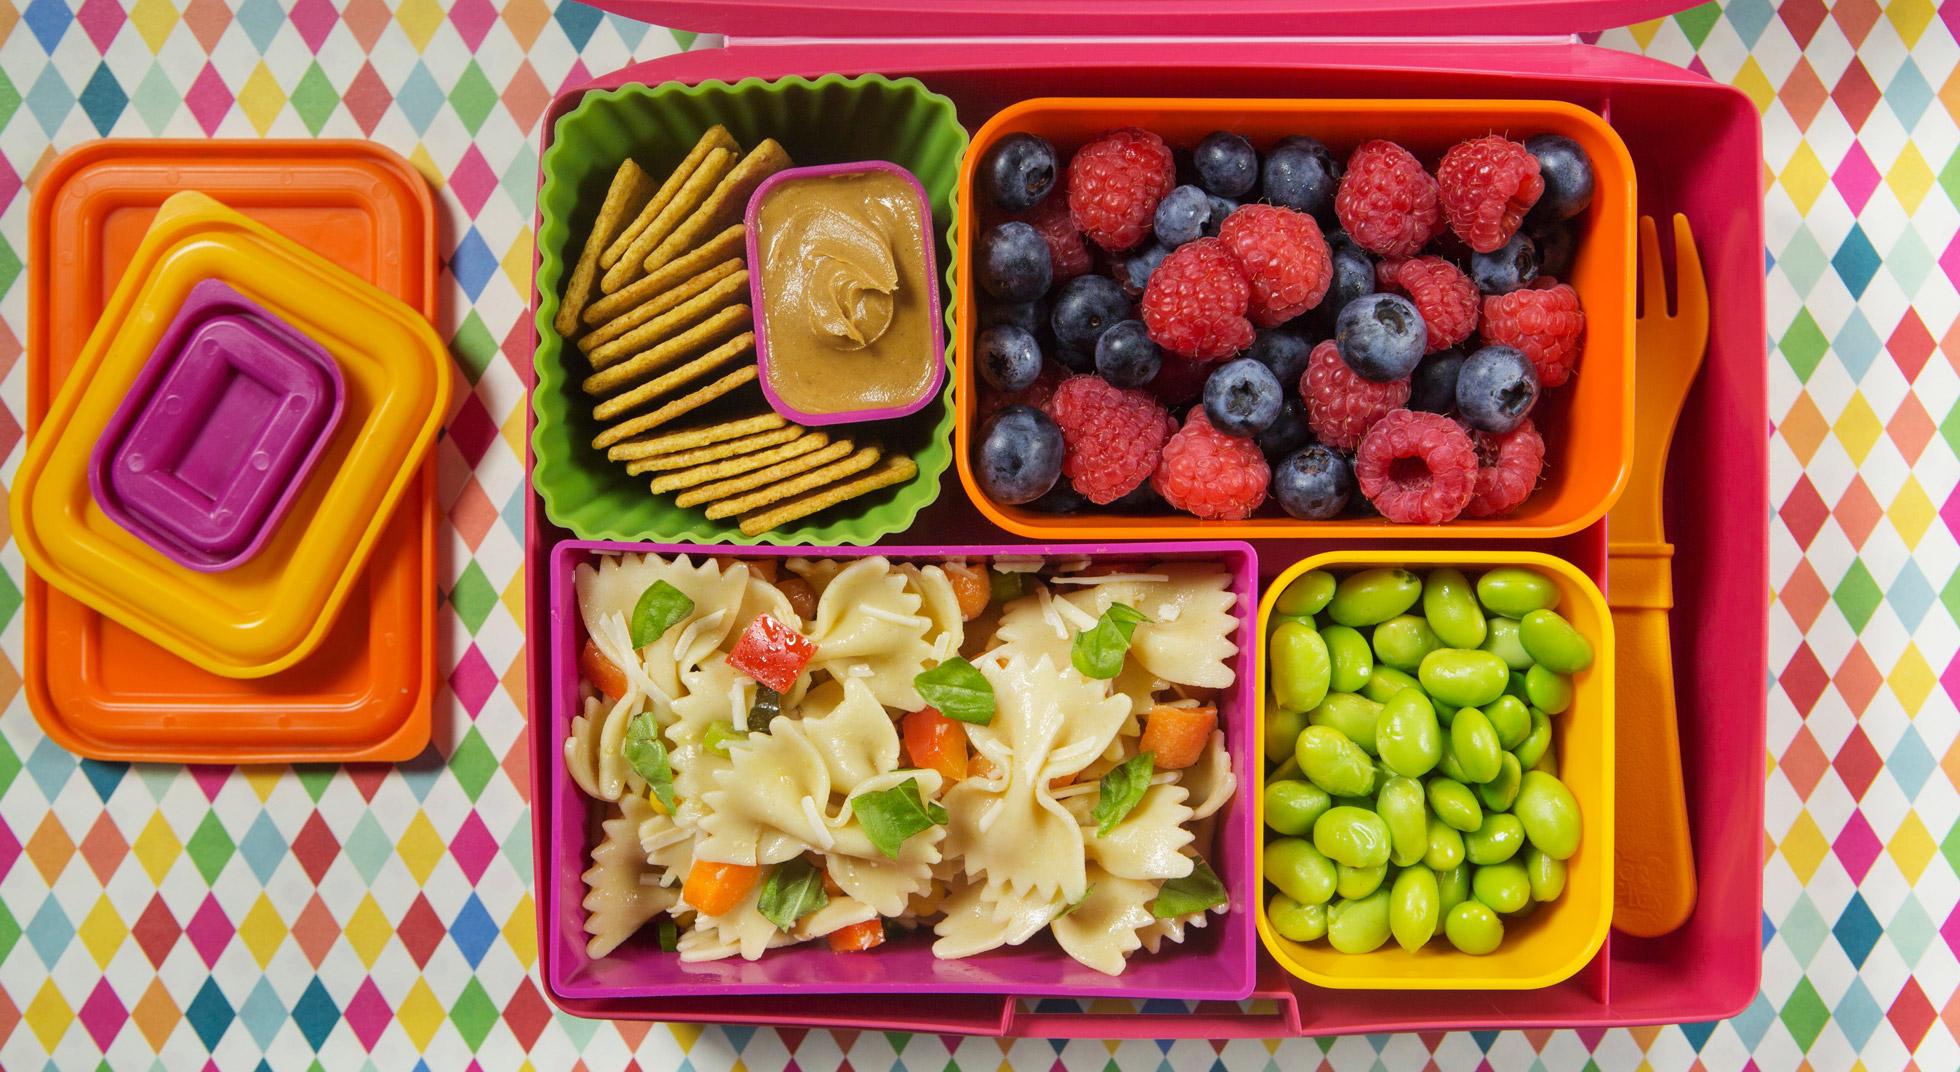 Idee Pranzo Ufficio : Ricette facili per il pranzo vegano in ufficio e fuori casa